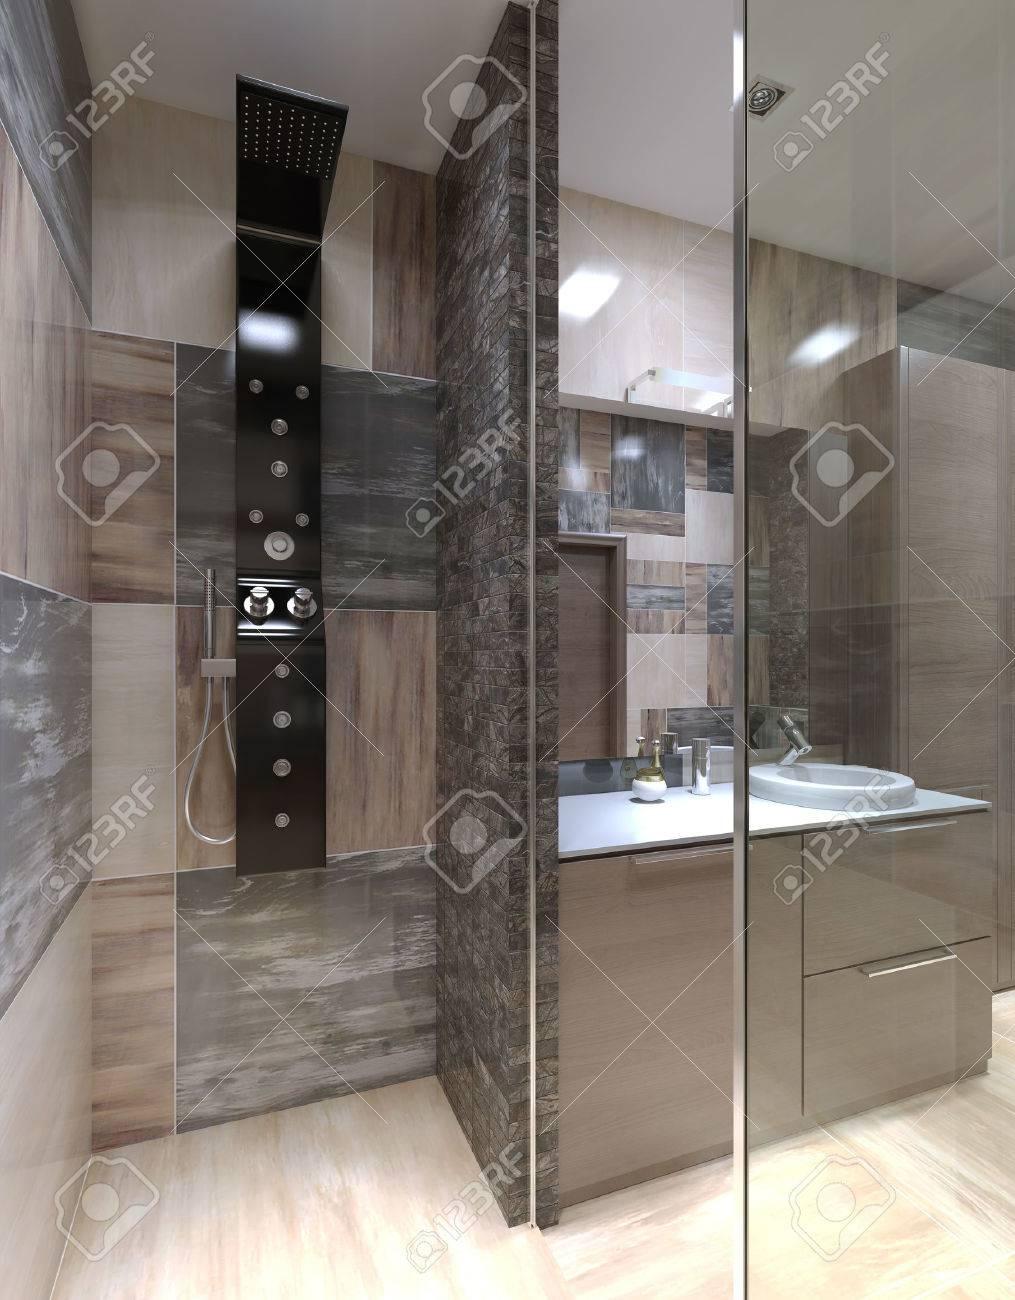 Ducha Minimalista Separado Del Cuarto De Baño. 3D Render Fotos ...